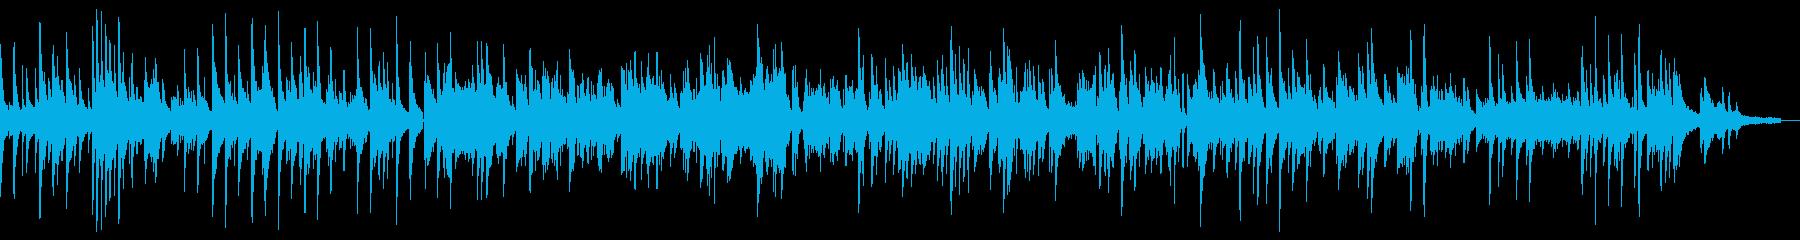 いつか王子様が 使えるジャズピアノ生演奏の再生済みの波形